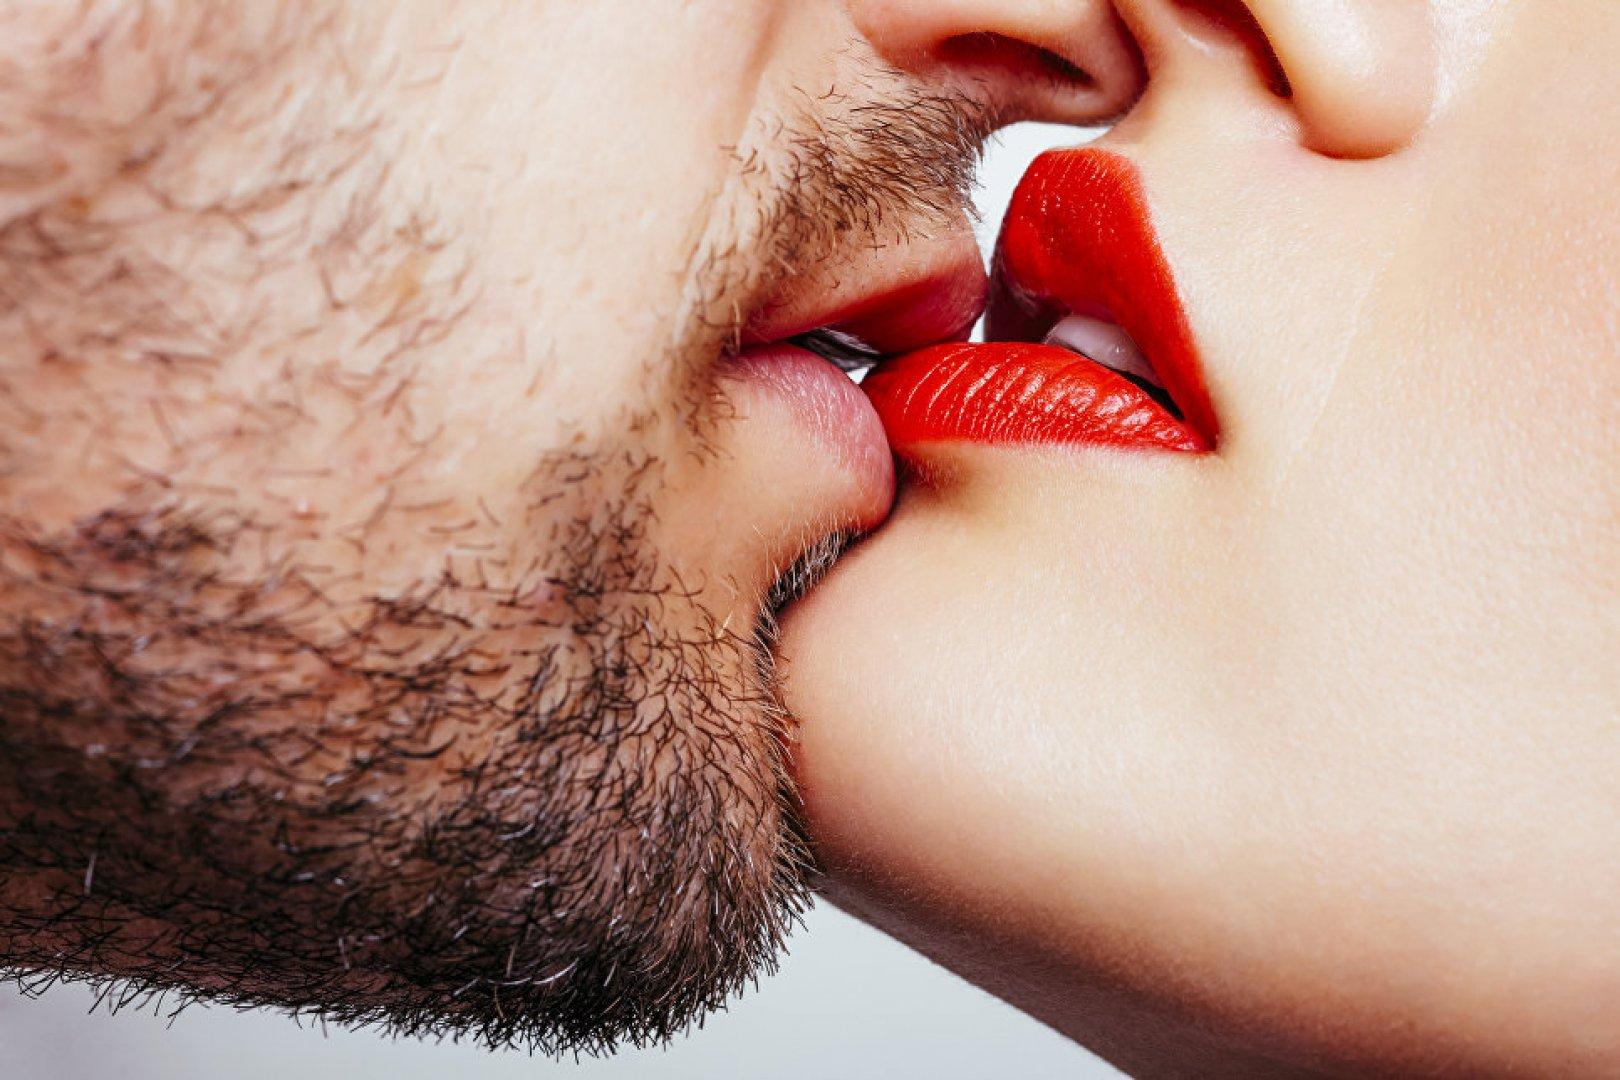 Deep french kiss, sex korea girl